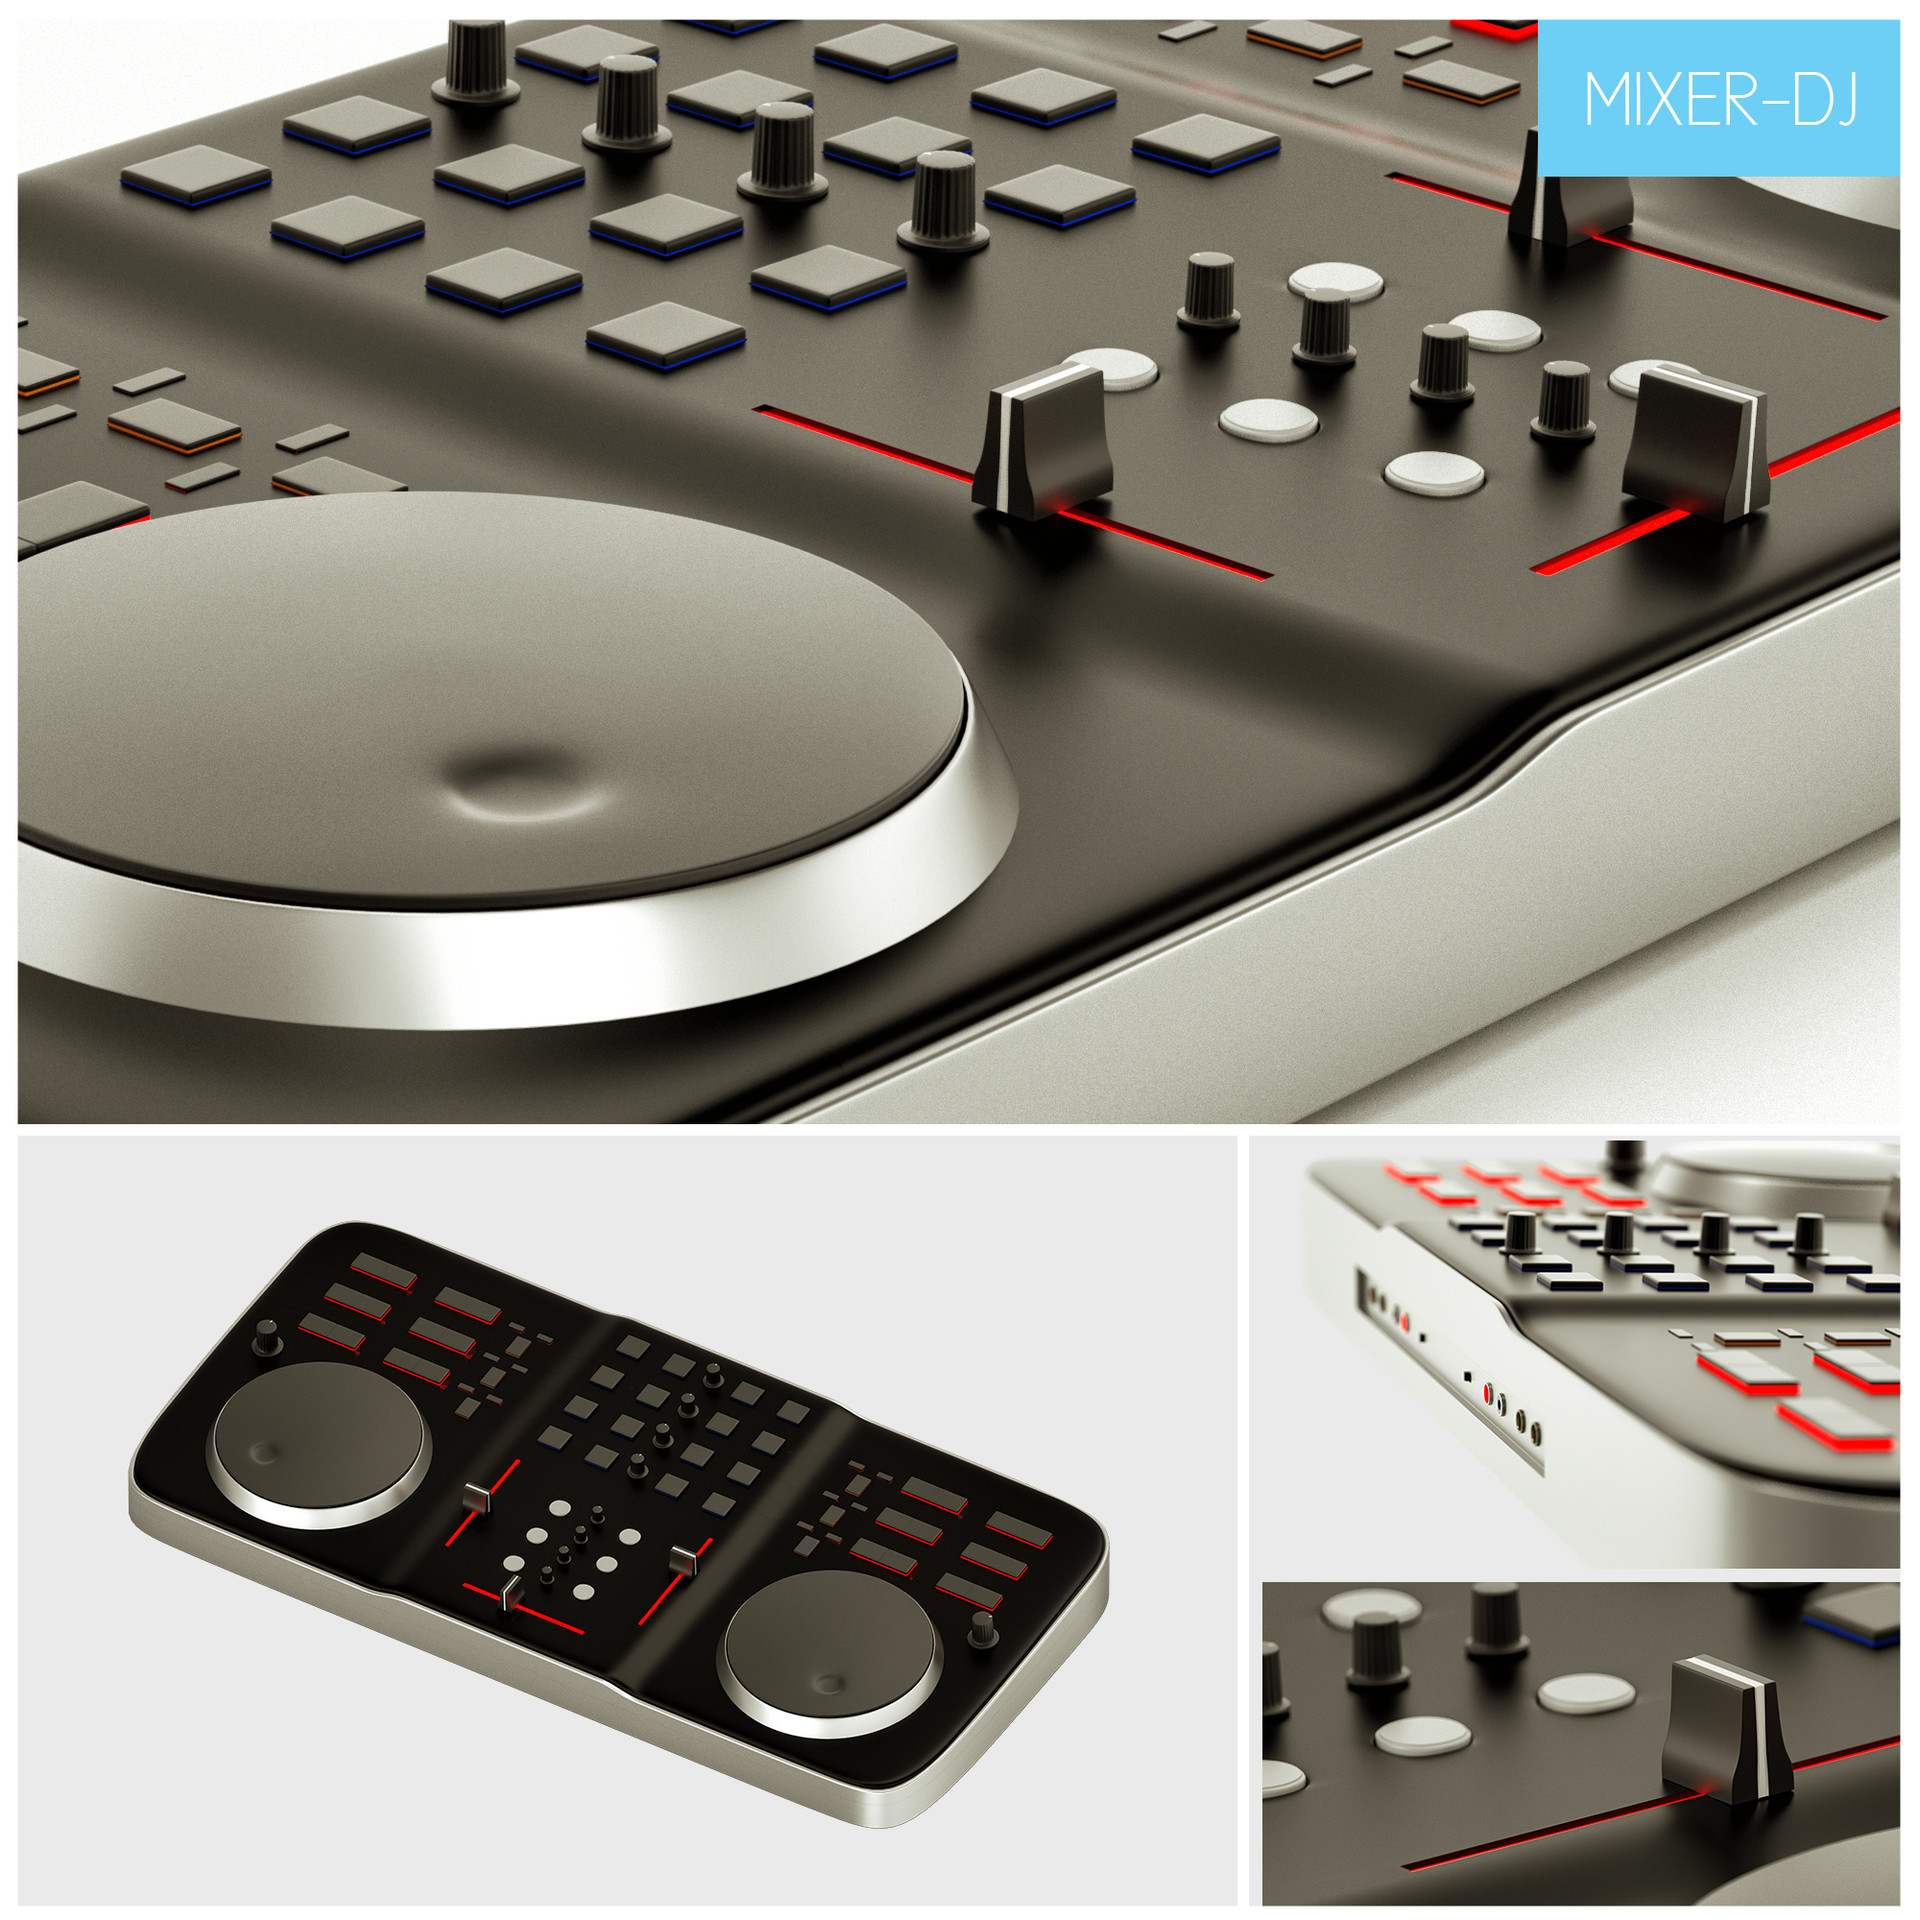 Marco baccioli electronic vol1 mixer dj